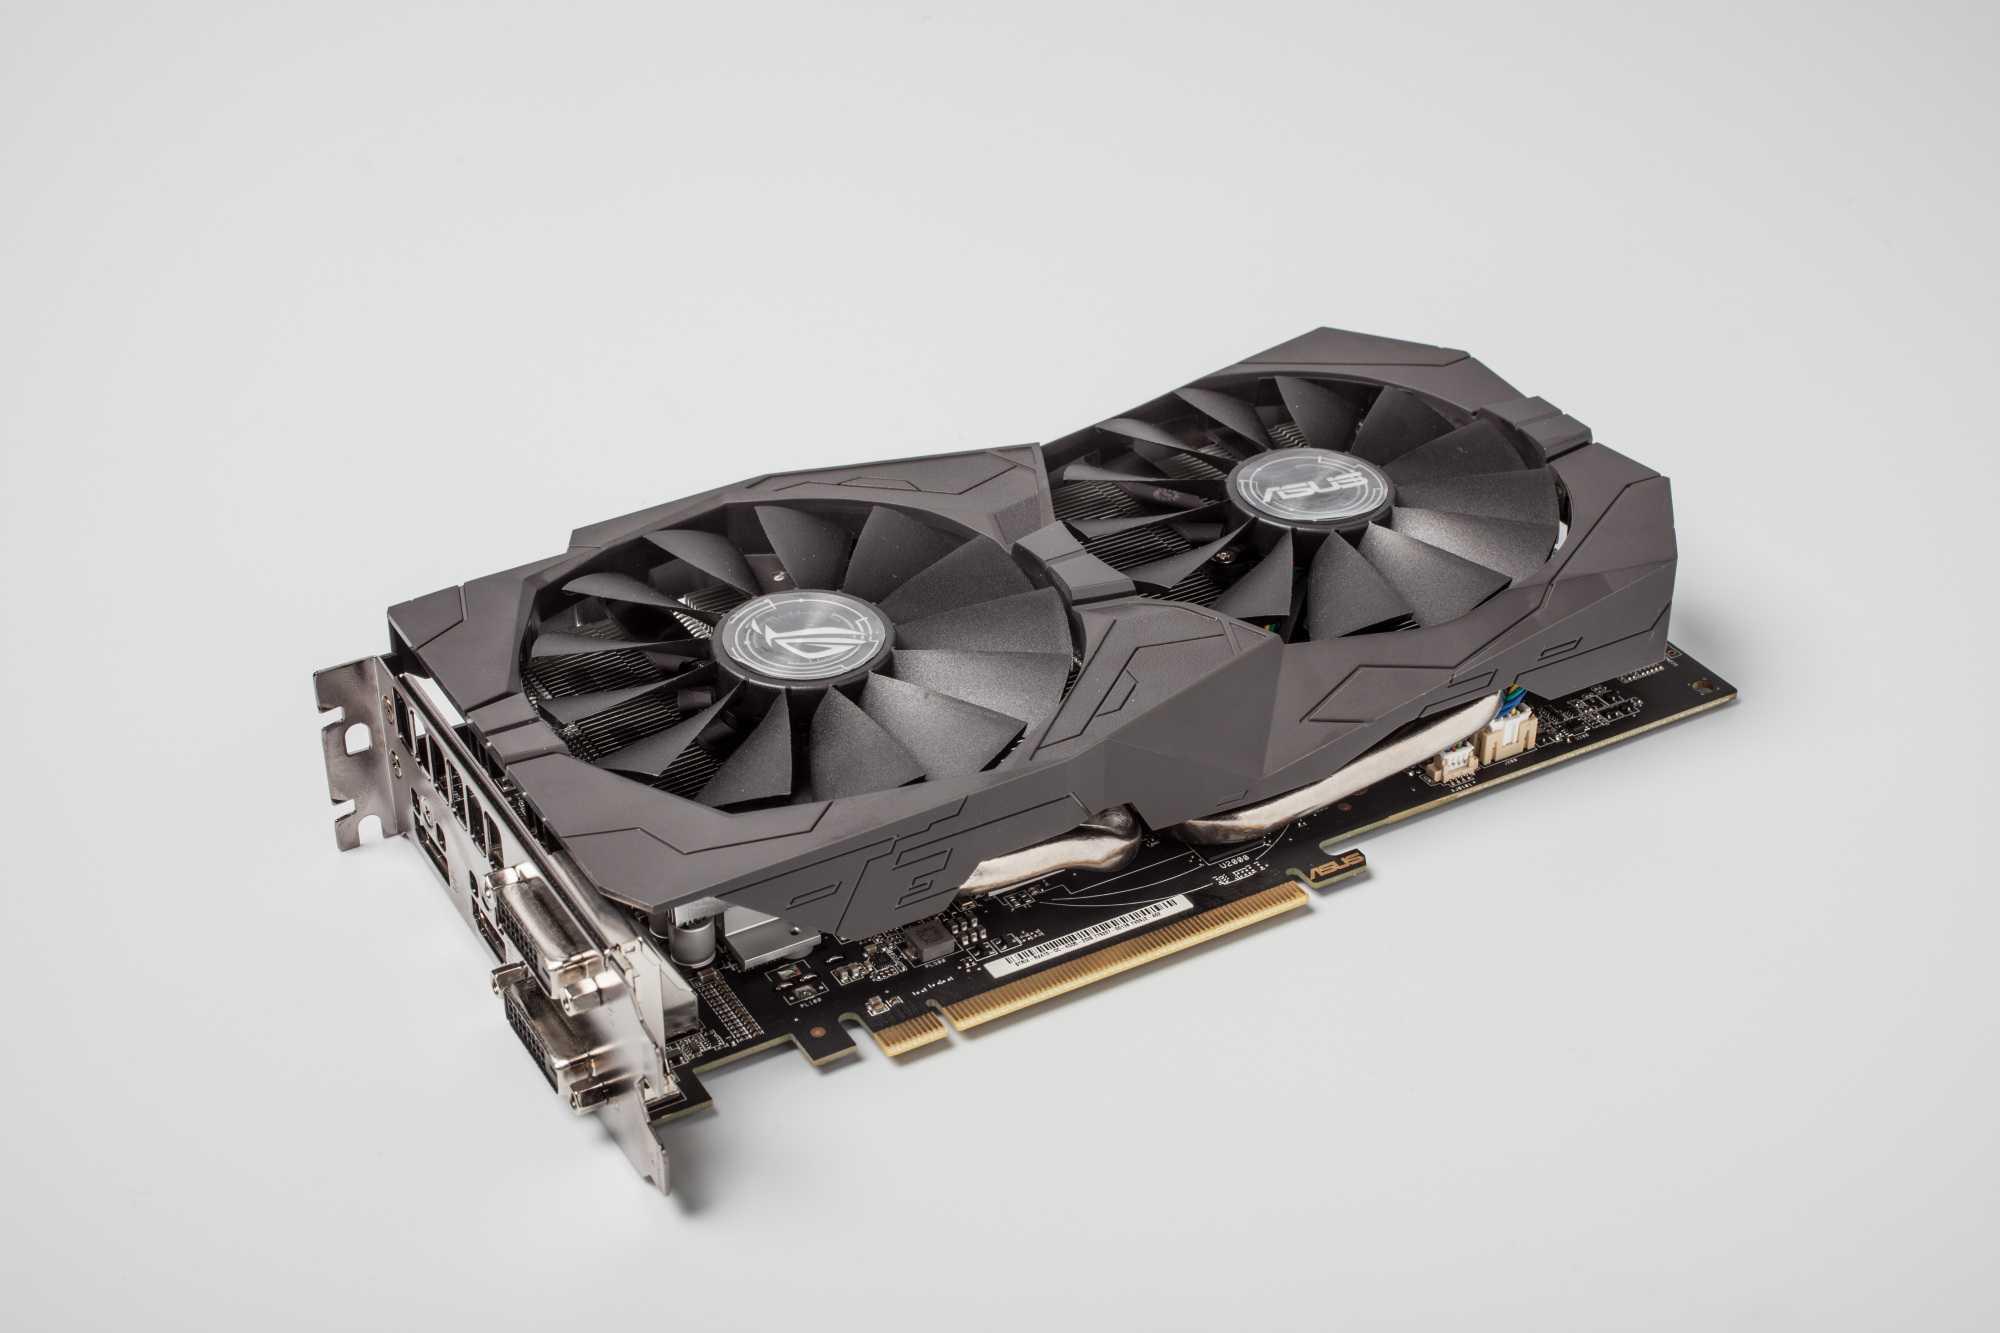 Die übertaktete Radeon RX 470 von Asus hat 4 GByte Speicher und stellt Spiele in Full HD ruckelfrei dar.